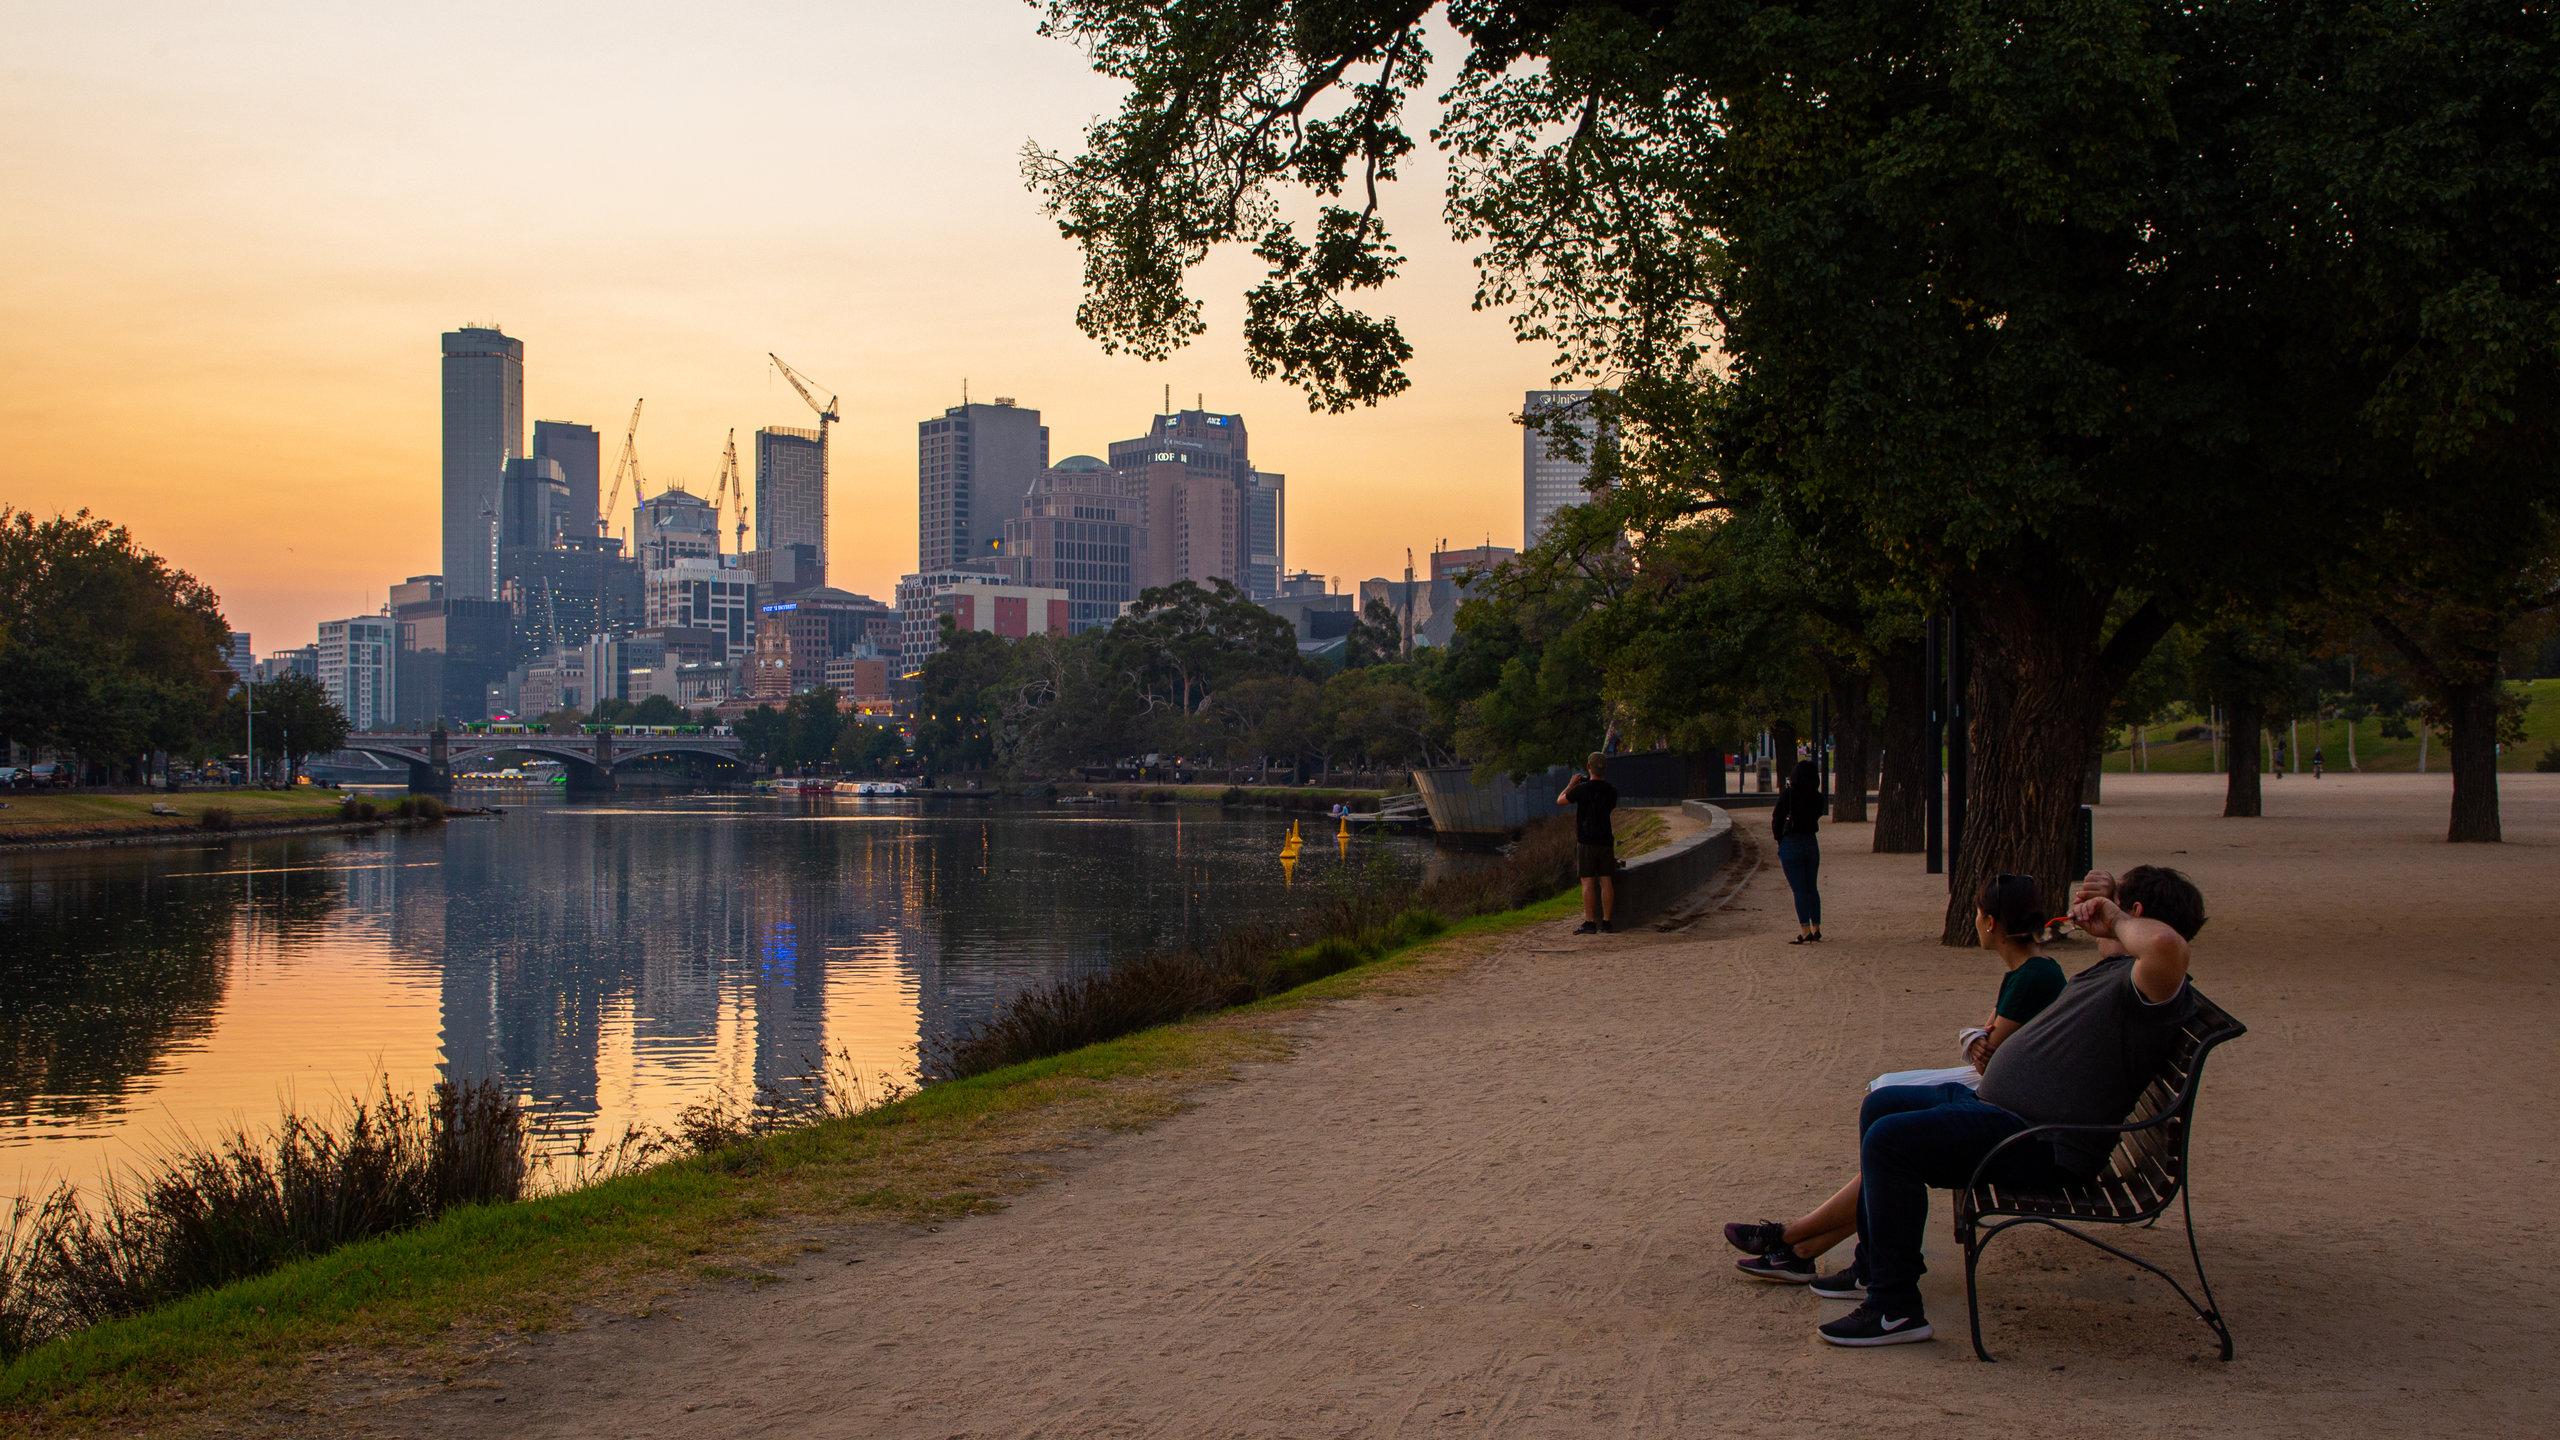 Birrarung Marr Park, Melbourne, Victoria, Australië